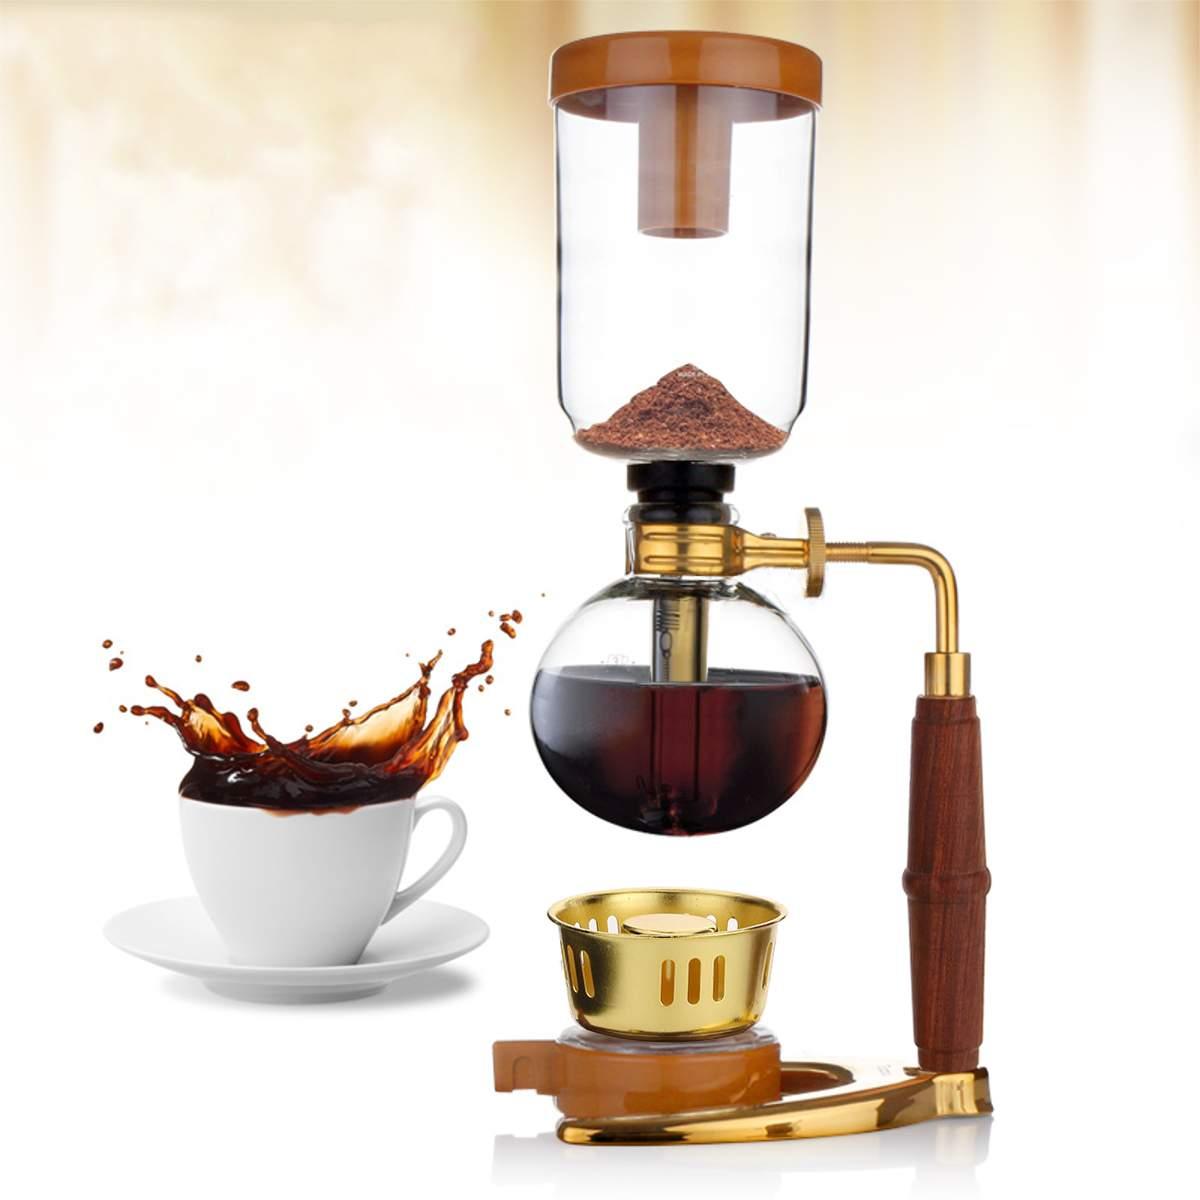 Haut de gamme à la recherche 345x120mm 150 ml verre Siphon cafetière cafetière goutte à goutte cafetière cuisine outil de meulage de haute qualité